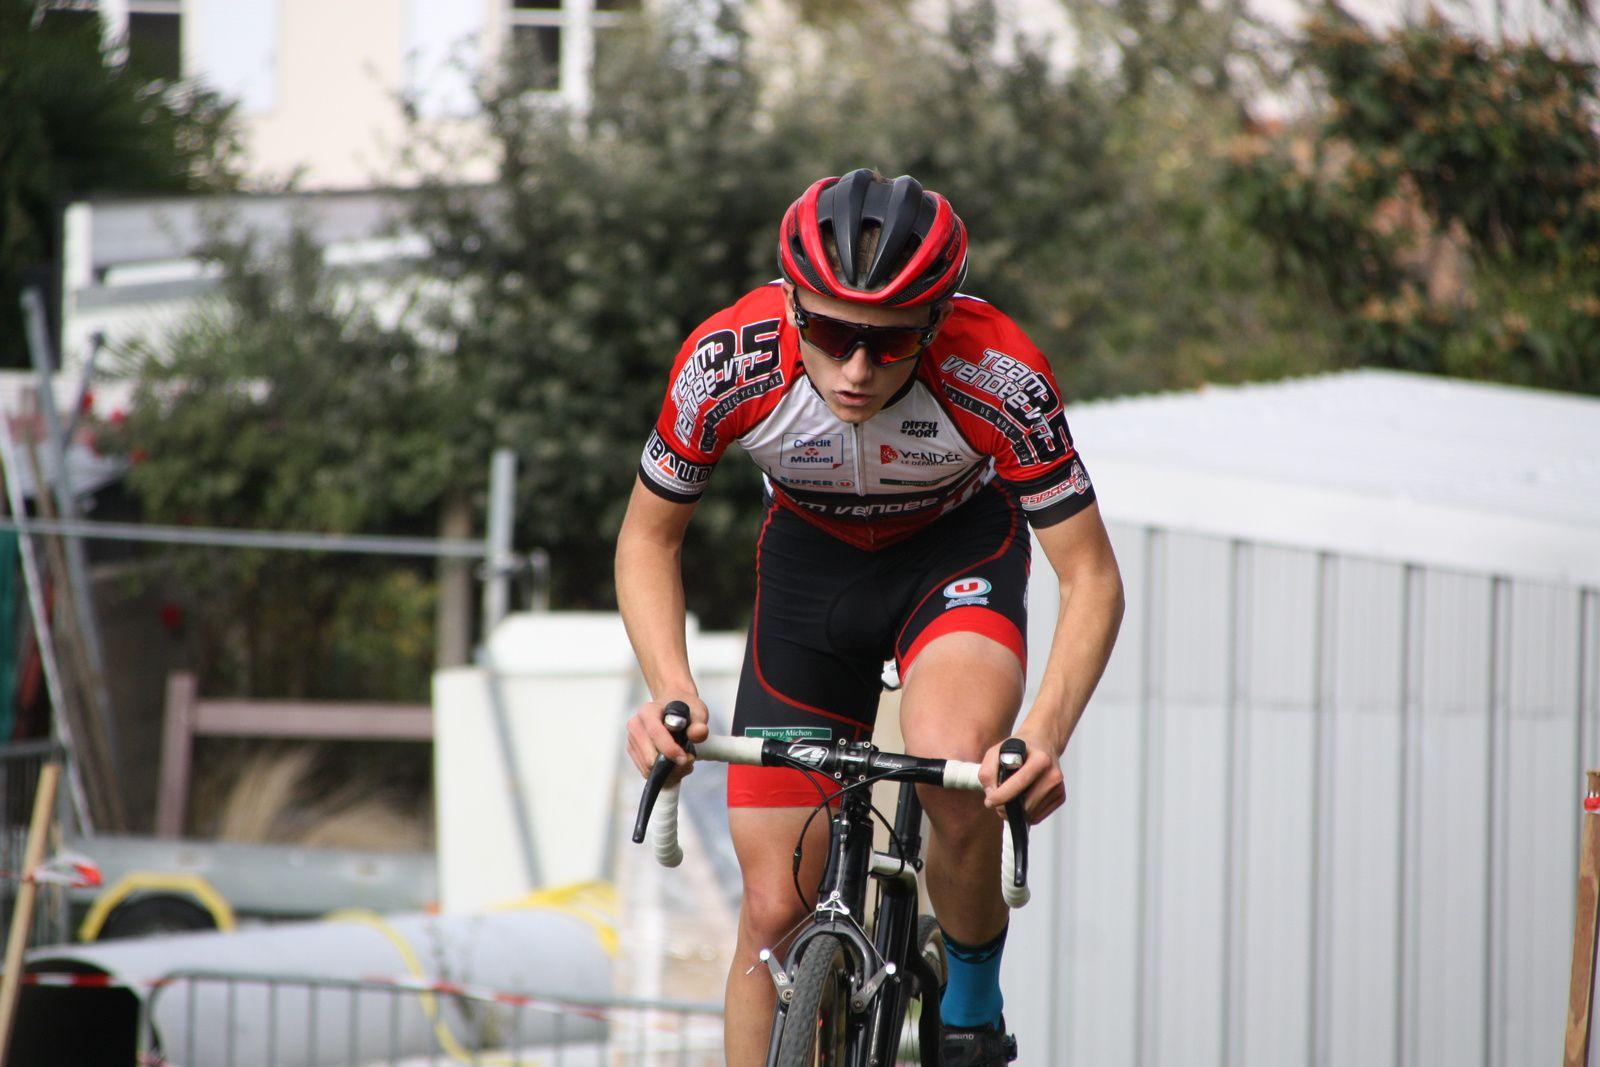 Le  coureur  de  la  P  St  Florent  poursuit  son  raid  solitaire